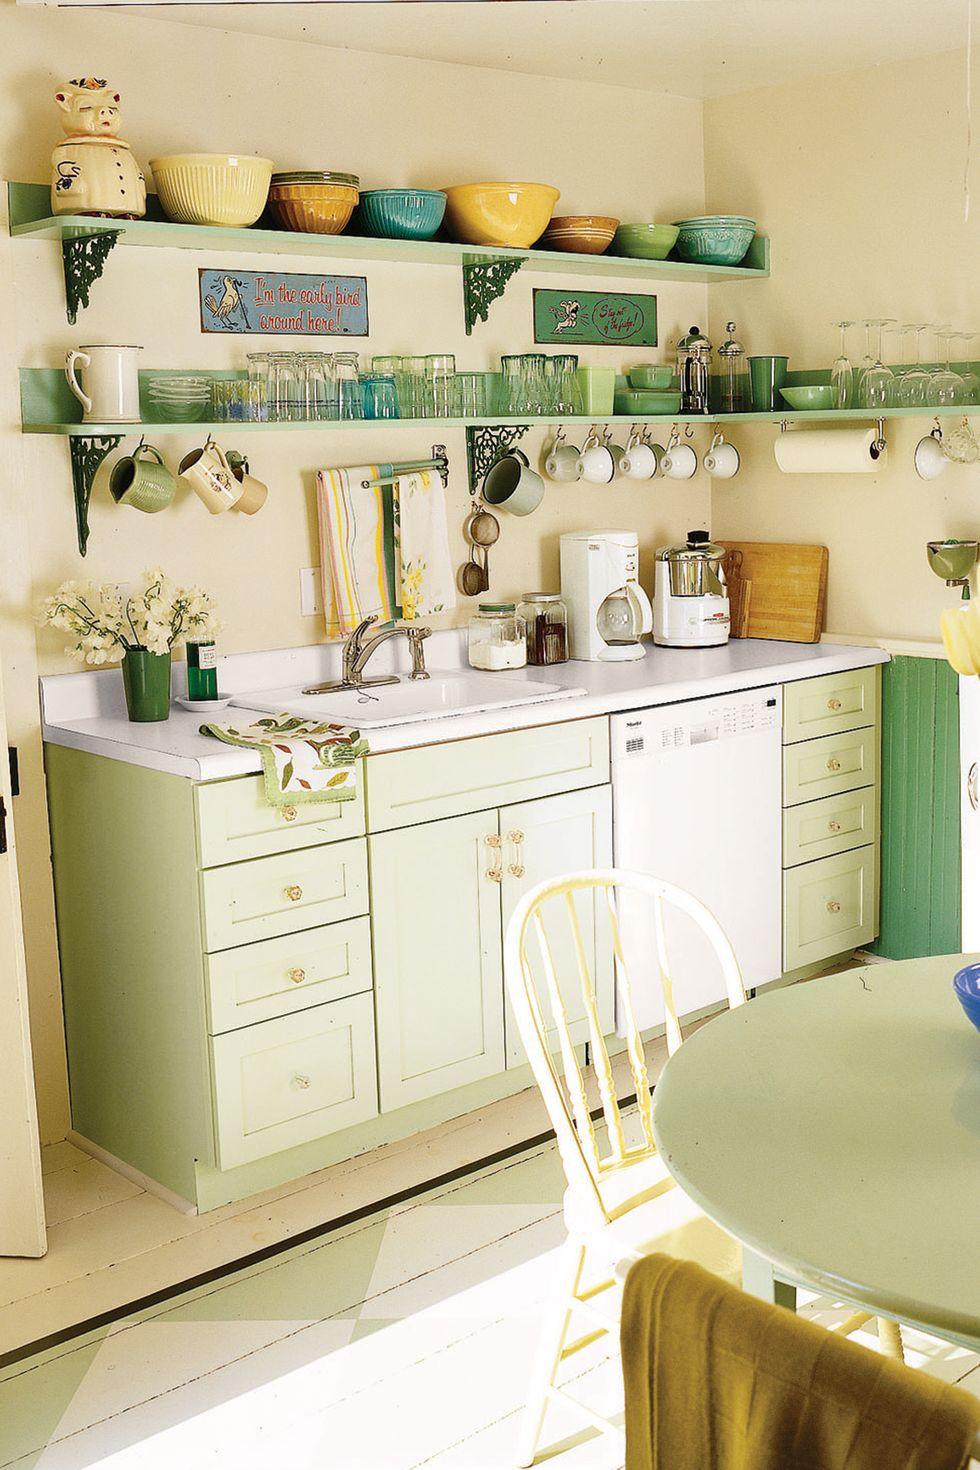 13 thiết kế bếp nhỏ với phong cách Retro khiến bạn không thể không ngắm nhìn - Hình 13